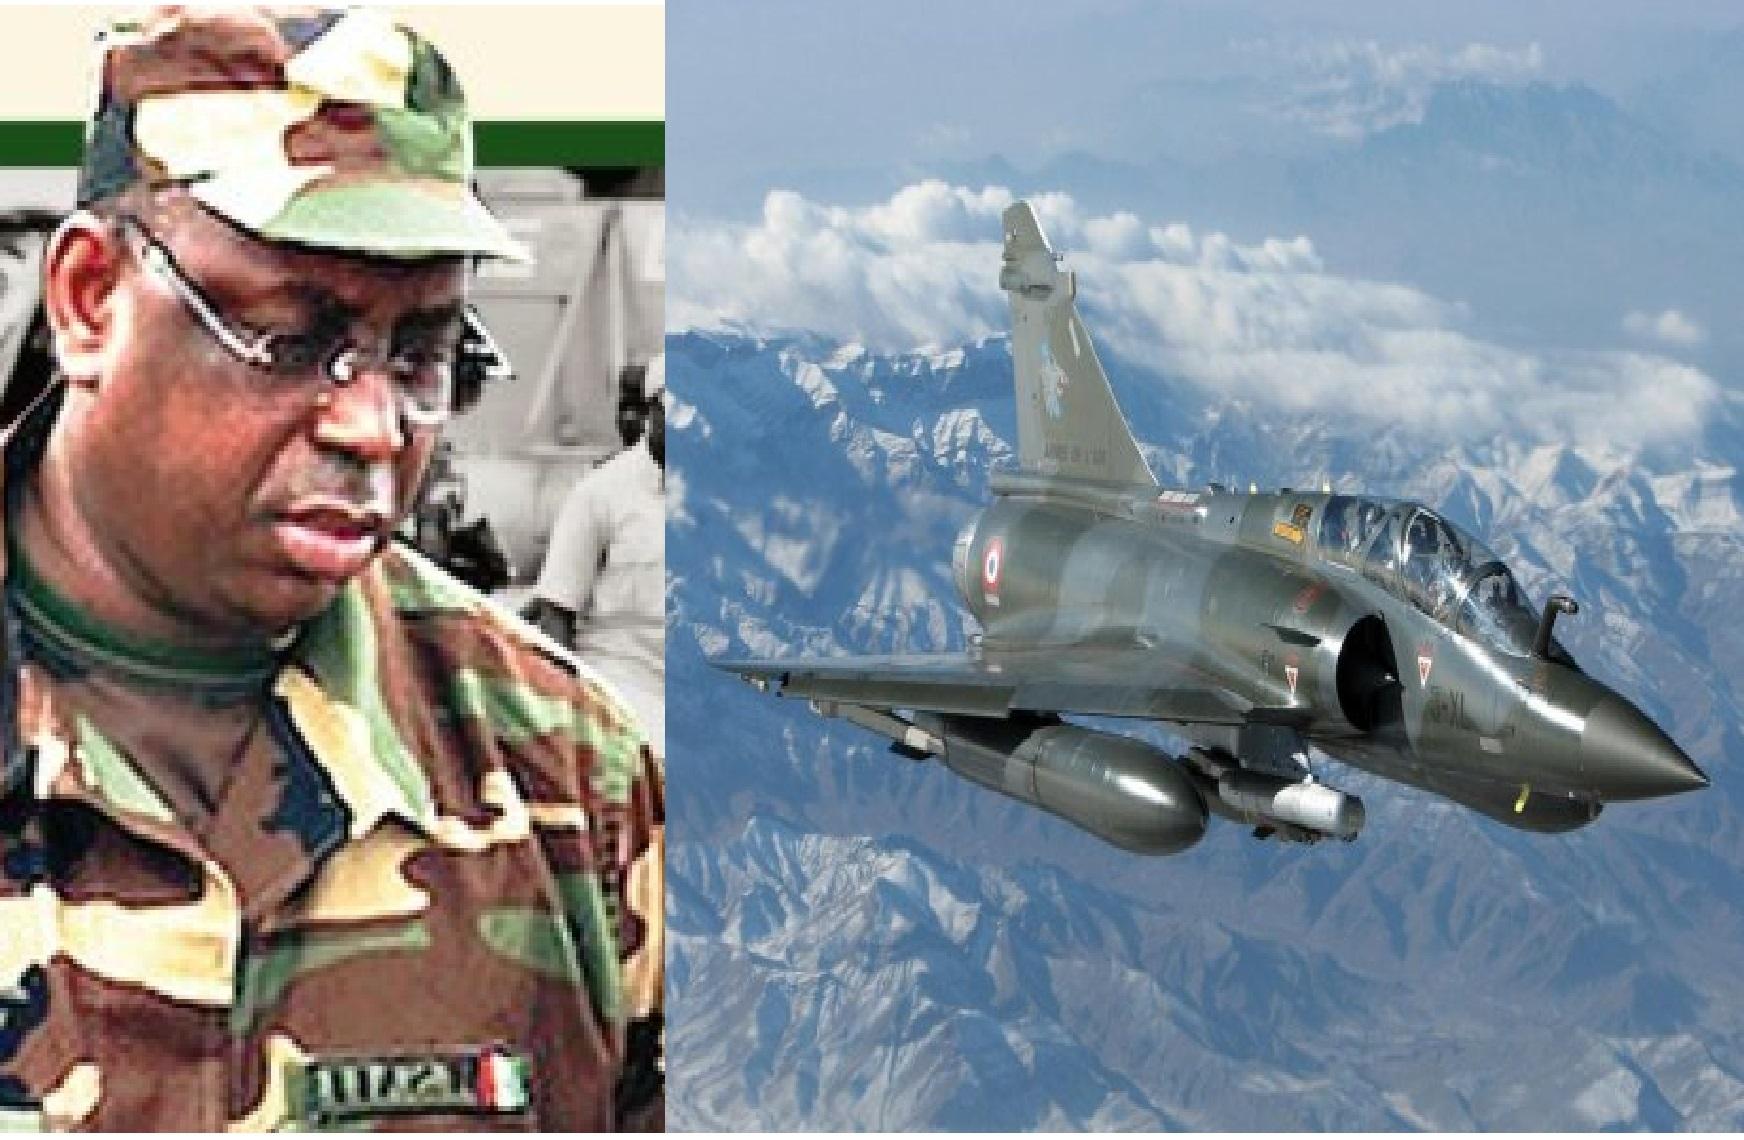 Equipement de la flotte de l'Armée sénégalaise : Le Général Sall commande des avions de chasse  à la France